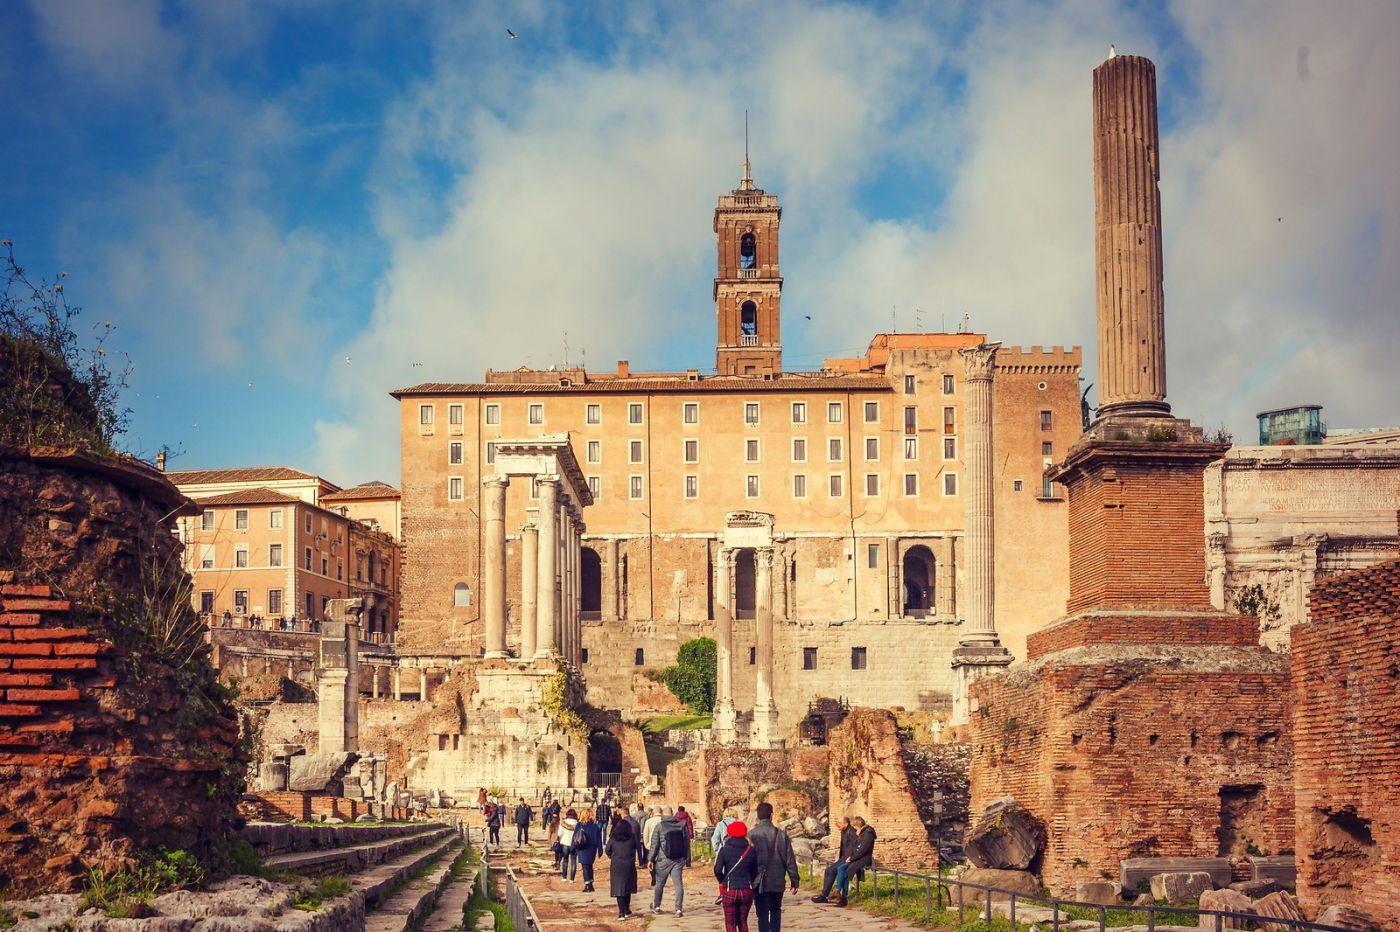 意大利罗马论坛,很敬佩_图1-6